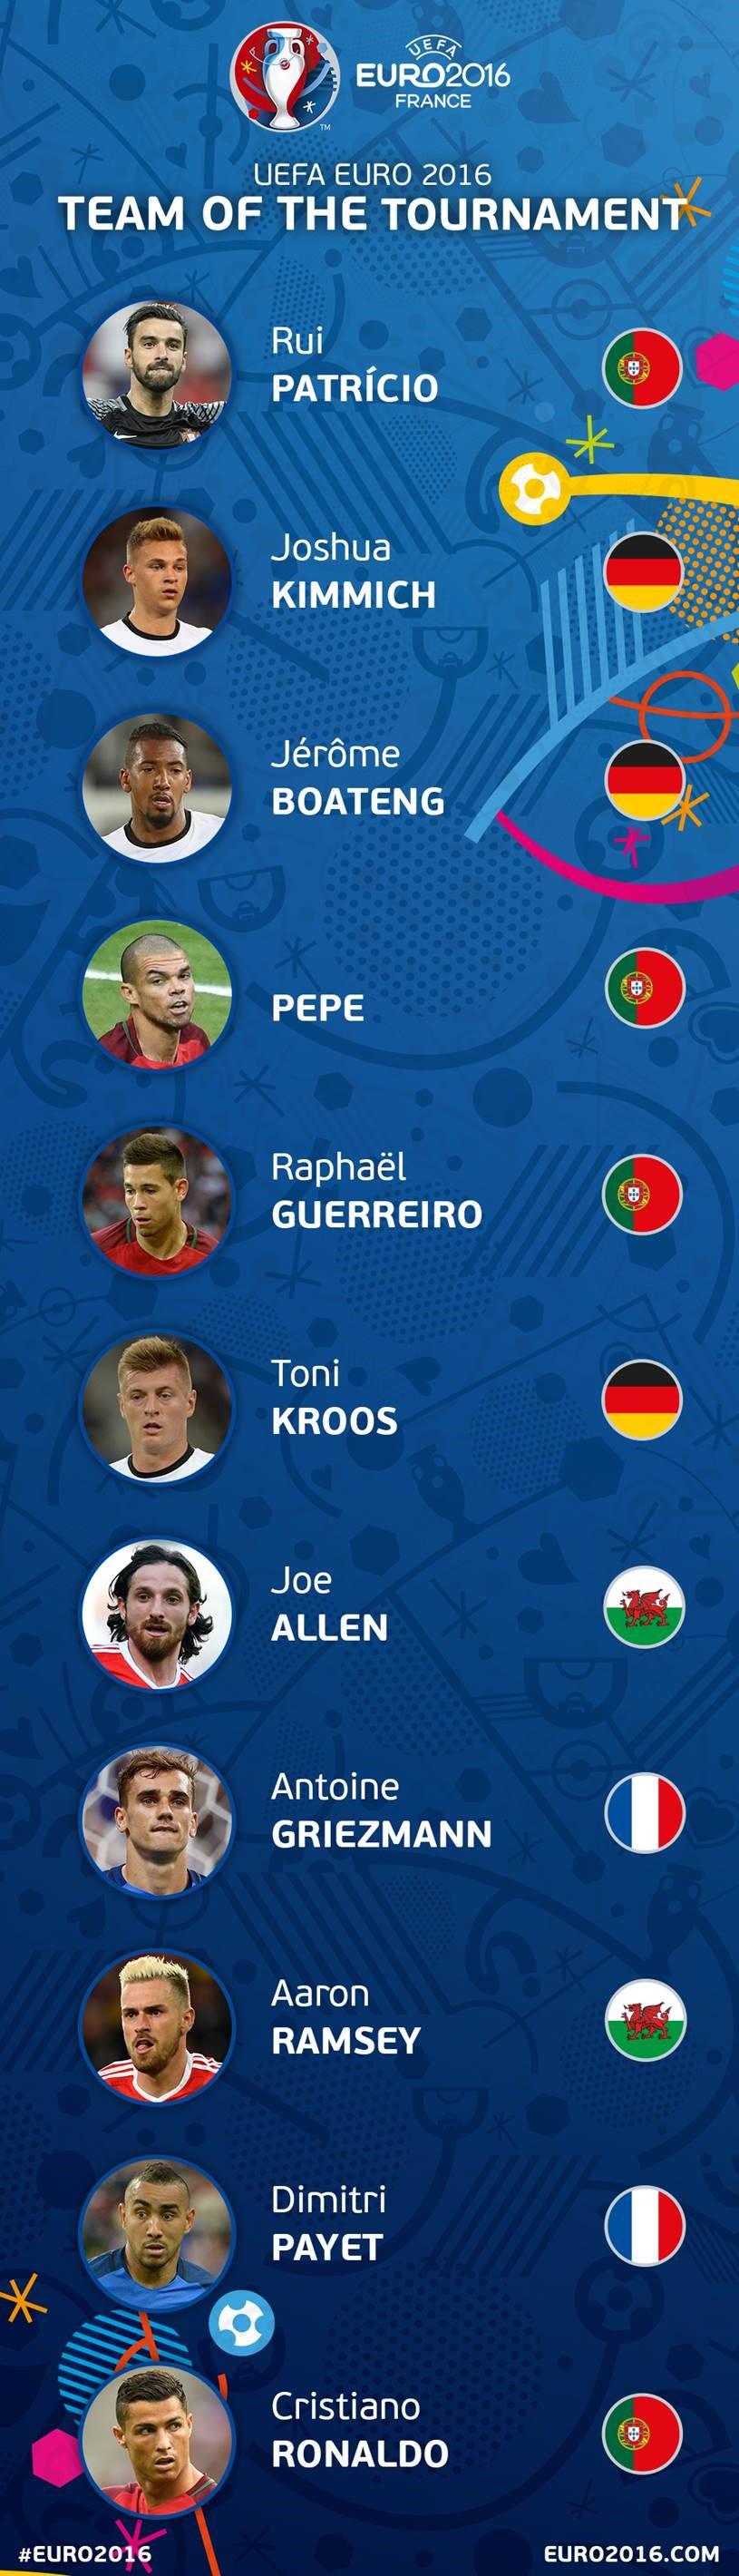 عکس/ تیم منتخب یورو 2016 از نگاه یوفا